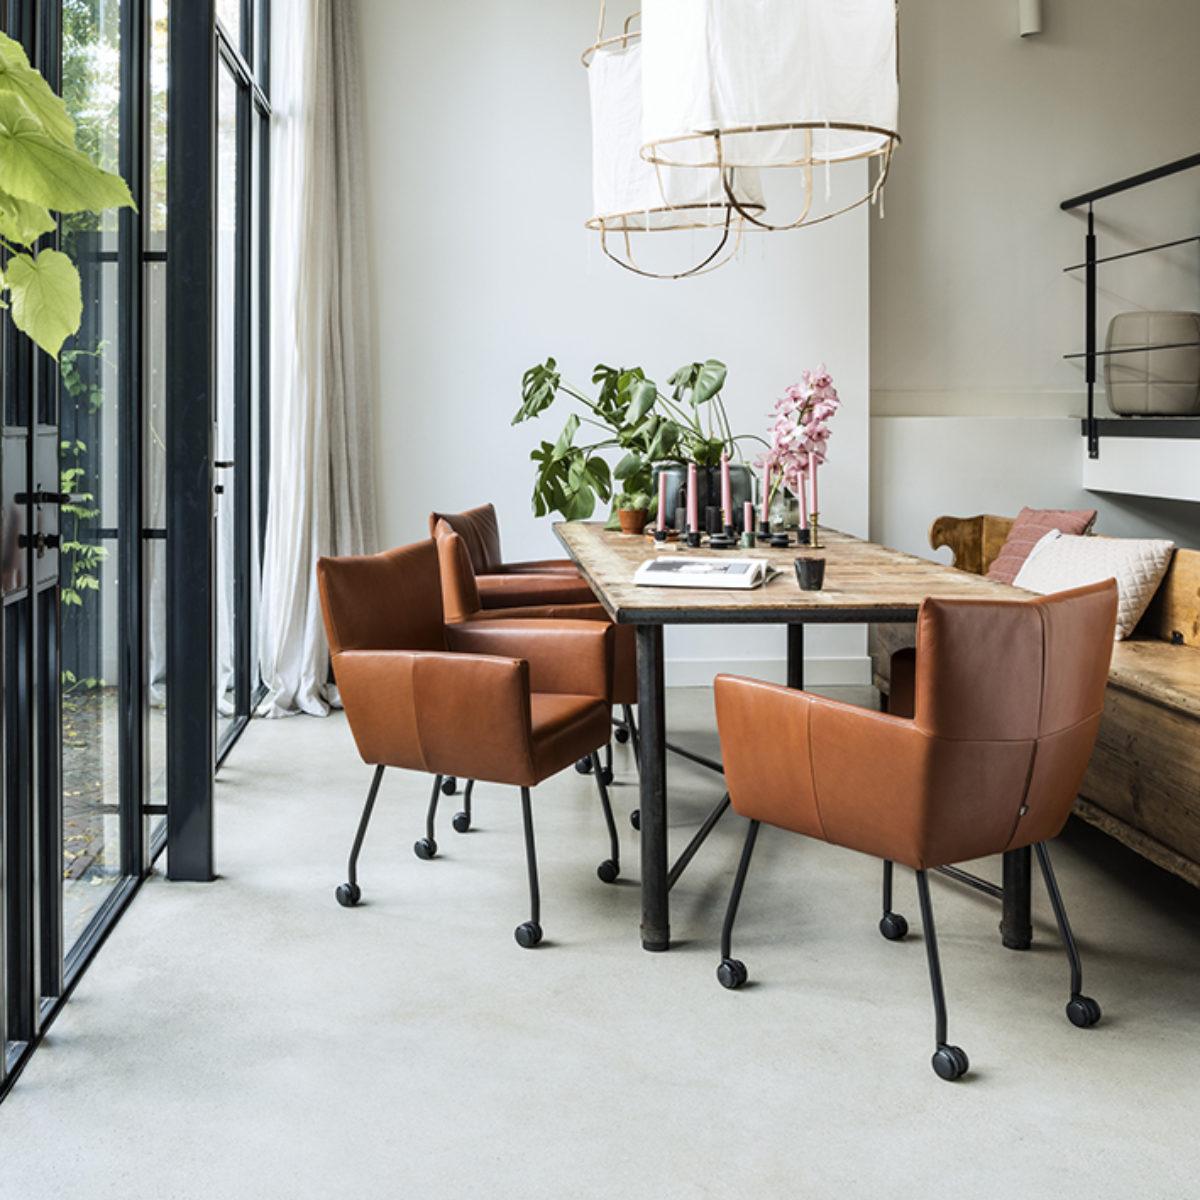 Designonstock com meubelen collectie eetkamer chair stoelen moka 01